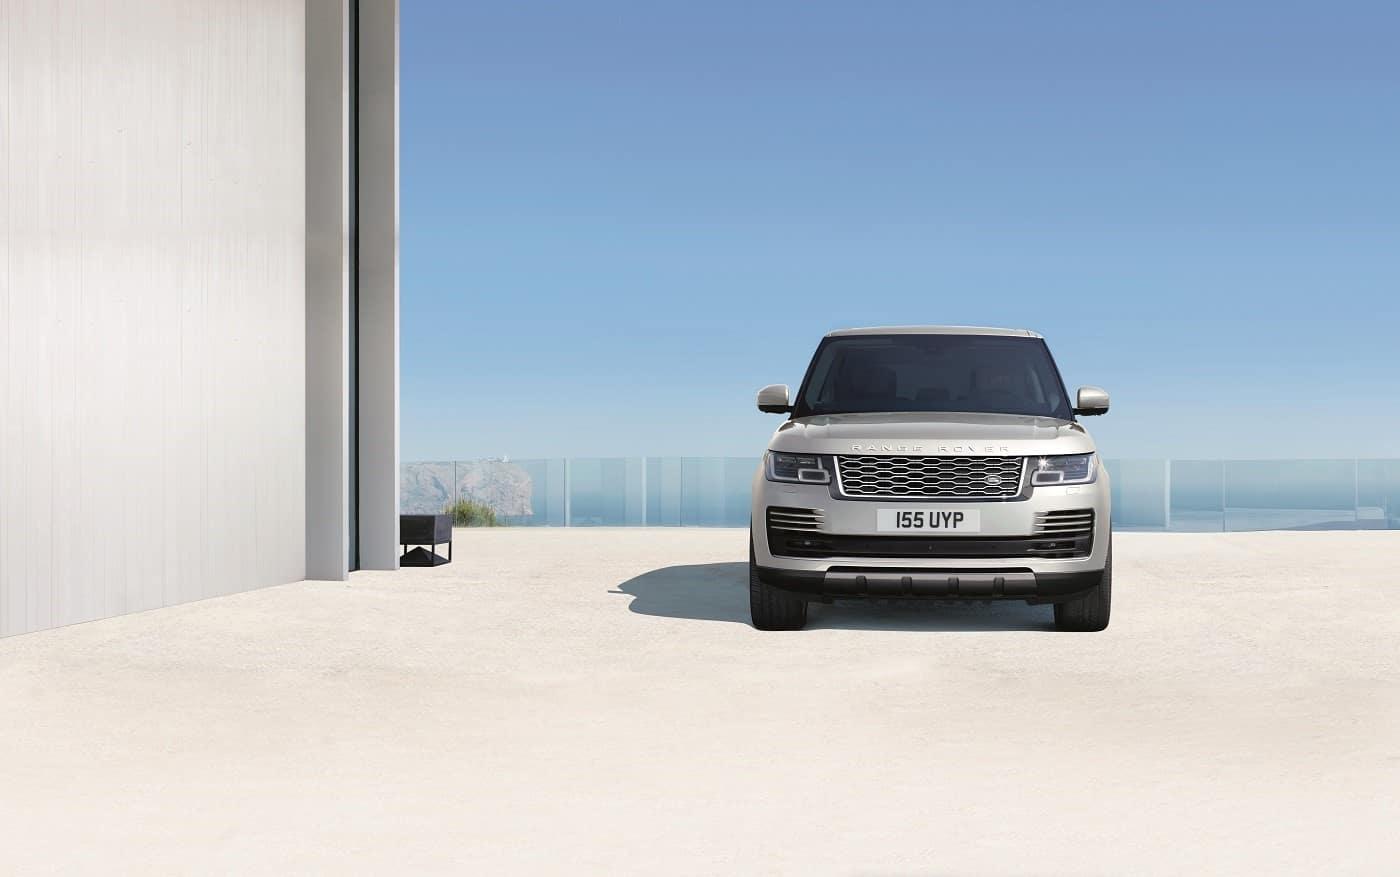 Range Rover Style